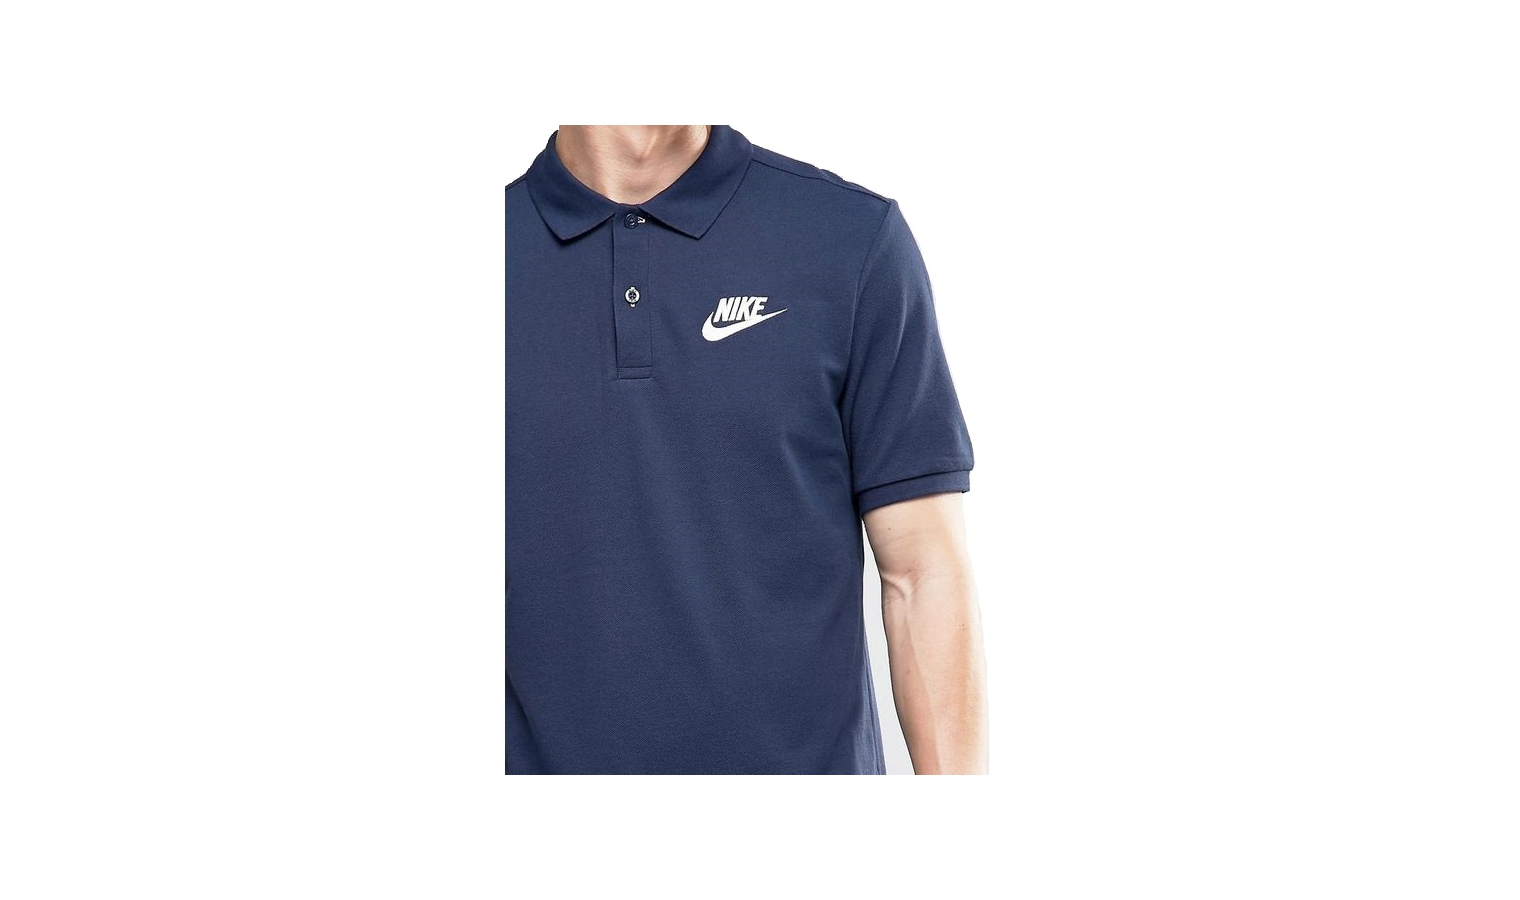 Pánské tričko Nike POLO PQ MATCHUP modré  9583cd8201c